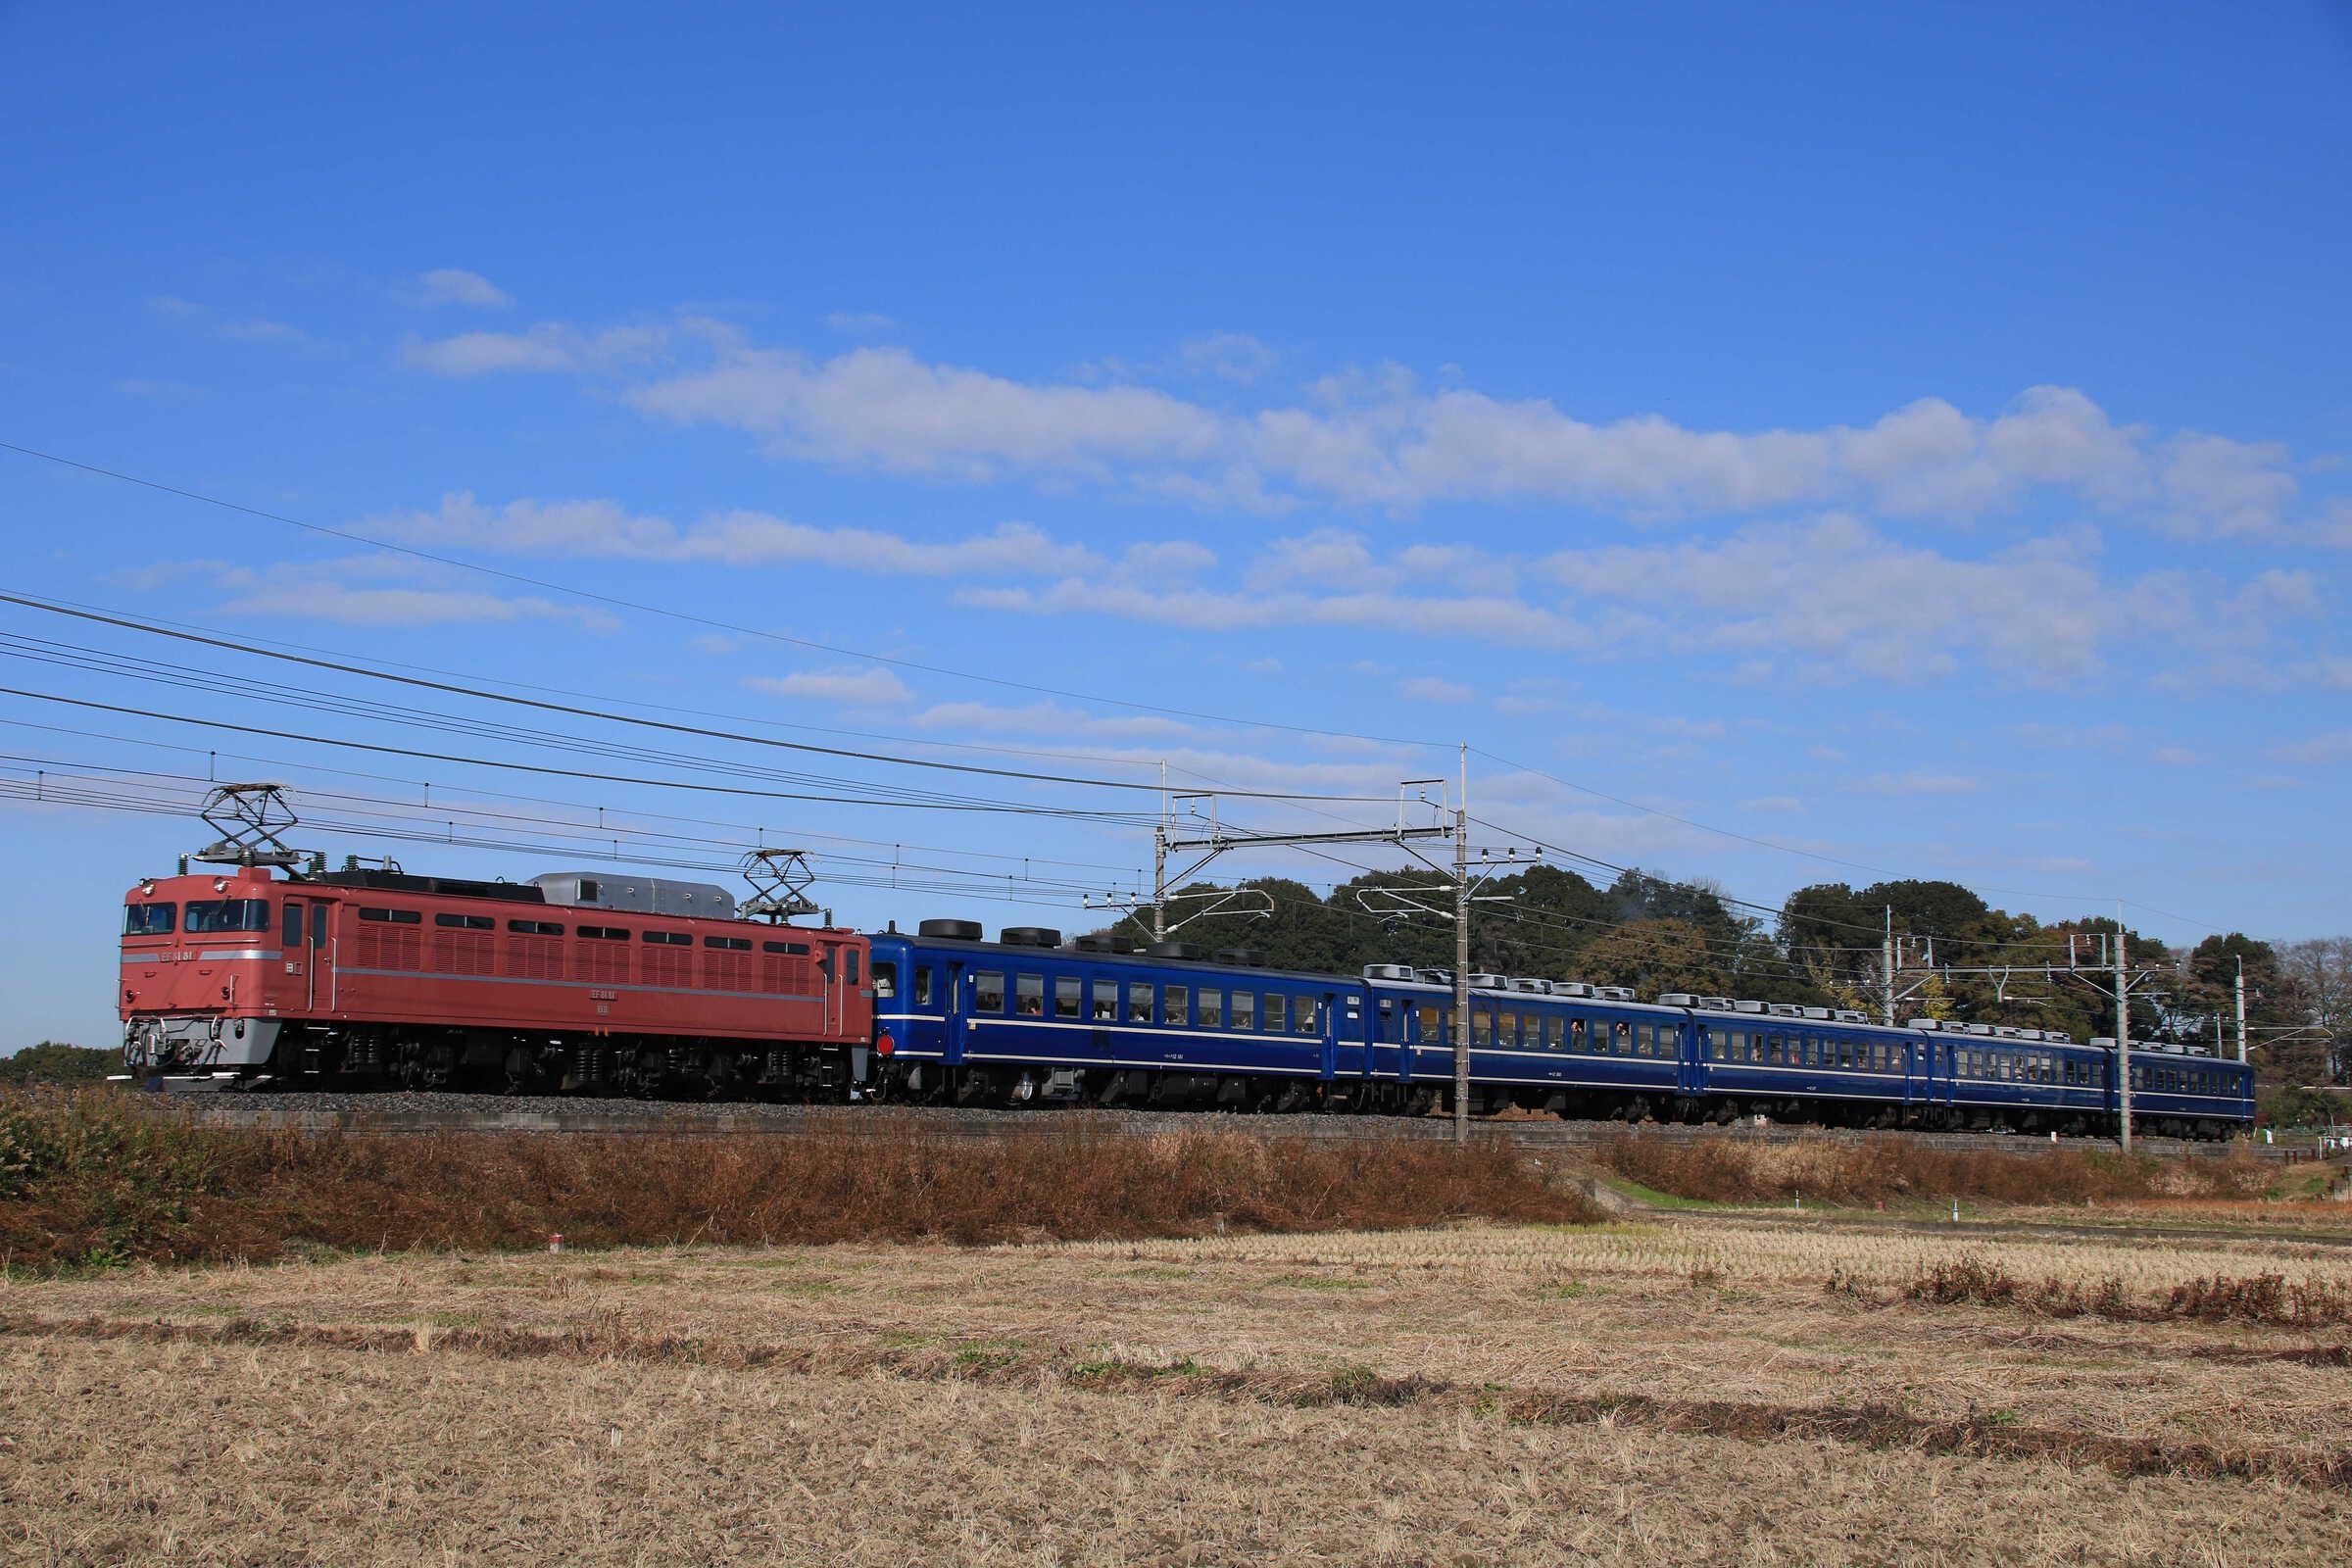 9110列車 団臨(仙1203, 仙台→上野) 懐かしの急行列車で行く東京おとな旅 EF81-81①[田]+12系 高タカ車5両